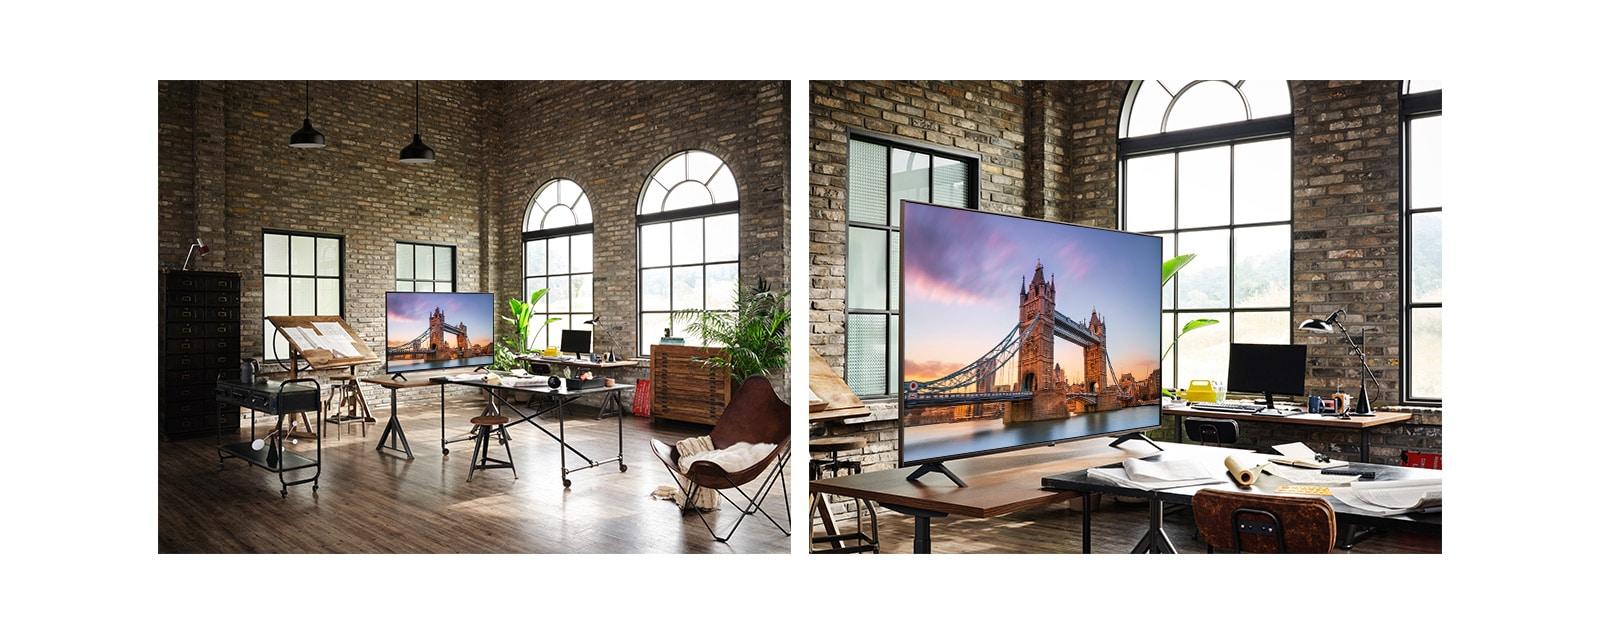 Televizor na kojem se prikazuje slika Londonskog mosta nalazi se u starinskoj radnoj sobi. Krupni kadar televizora na kojem se prikazuje slika Londonskog mosta na stolu u starinskoj radnoj sobi.